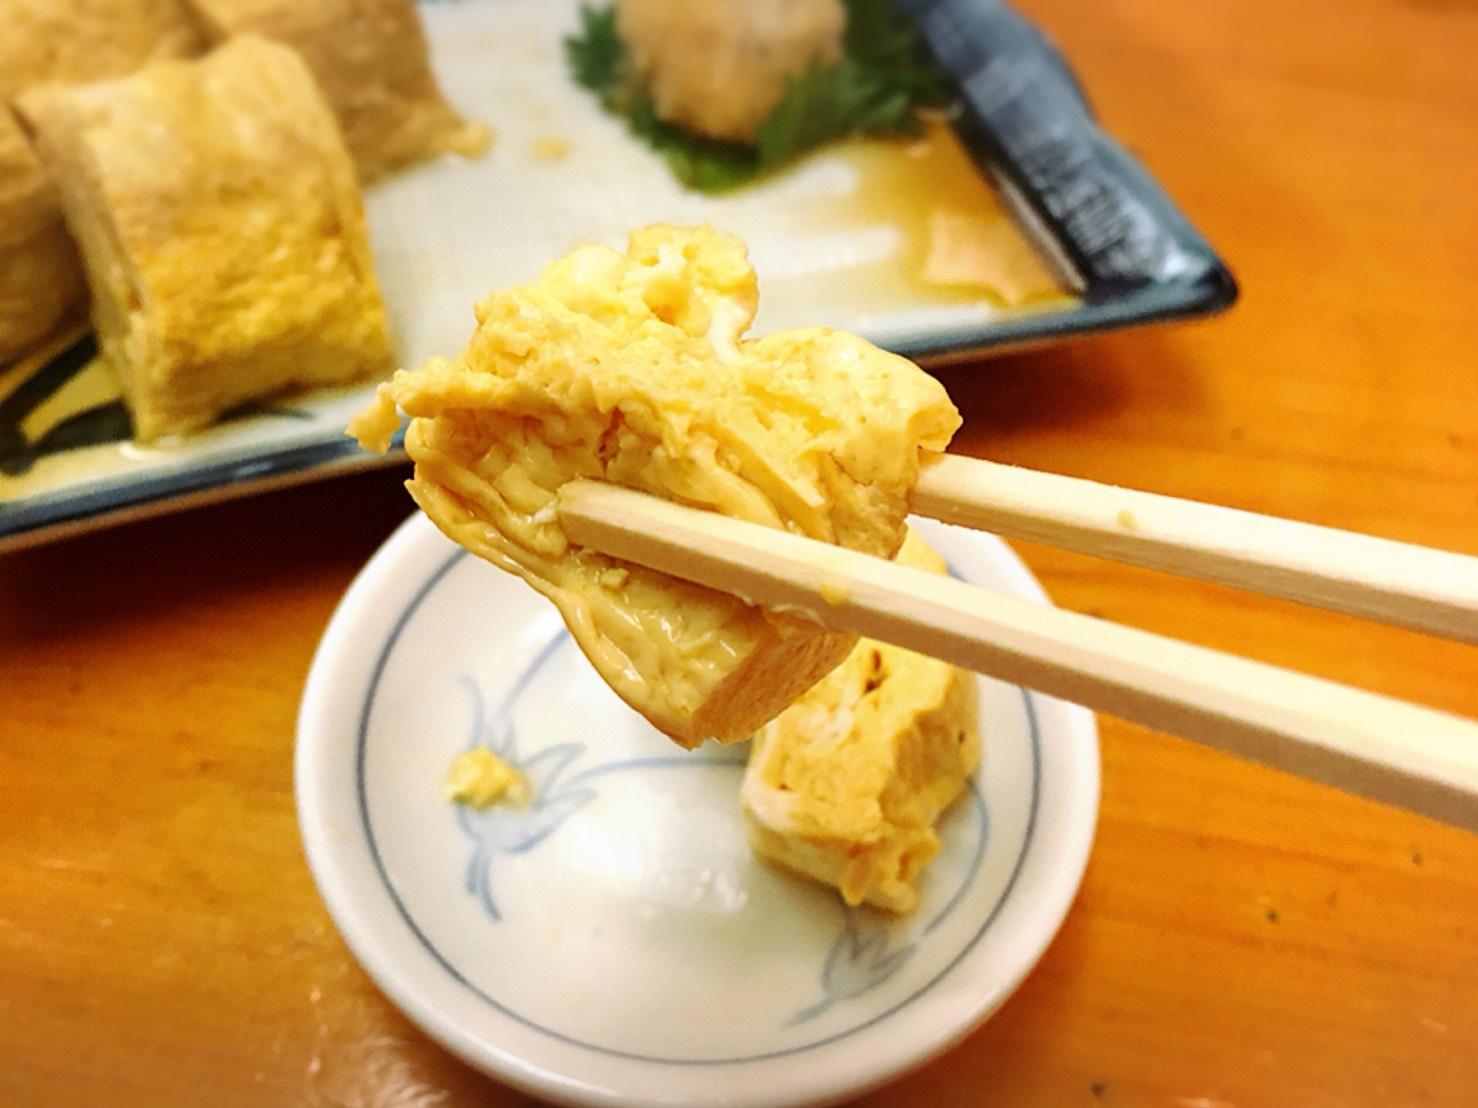 【池袋駅】生蕎麦とだし巻き玉子がしあわせ「浅野屋 池袋駅前本店」のだし巻き玉子を一口